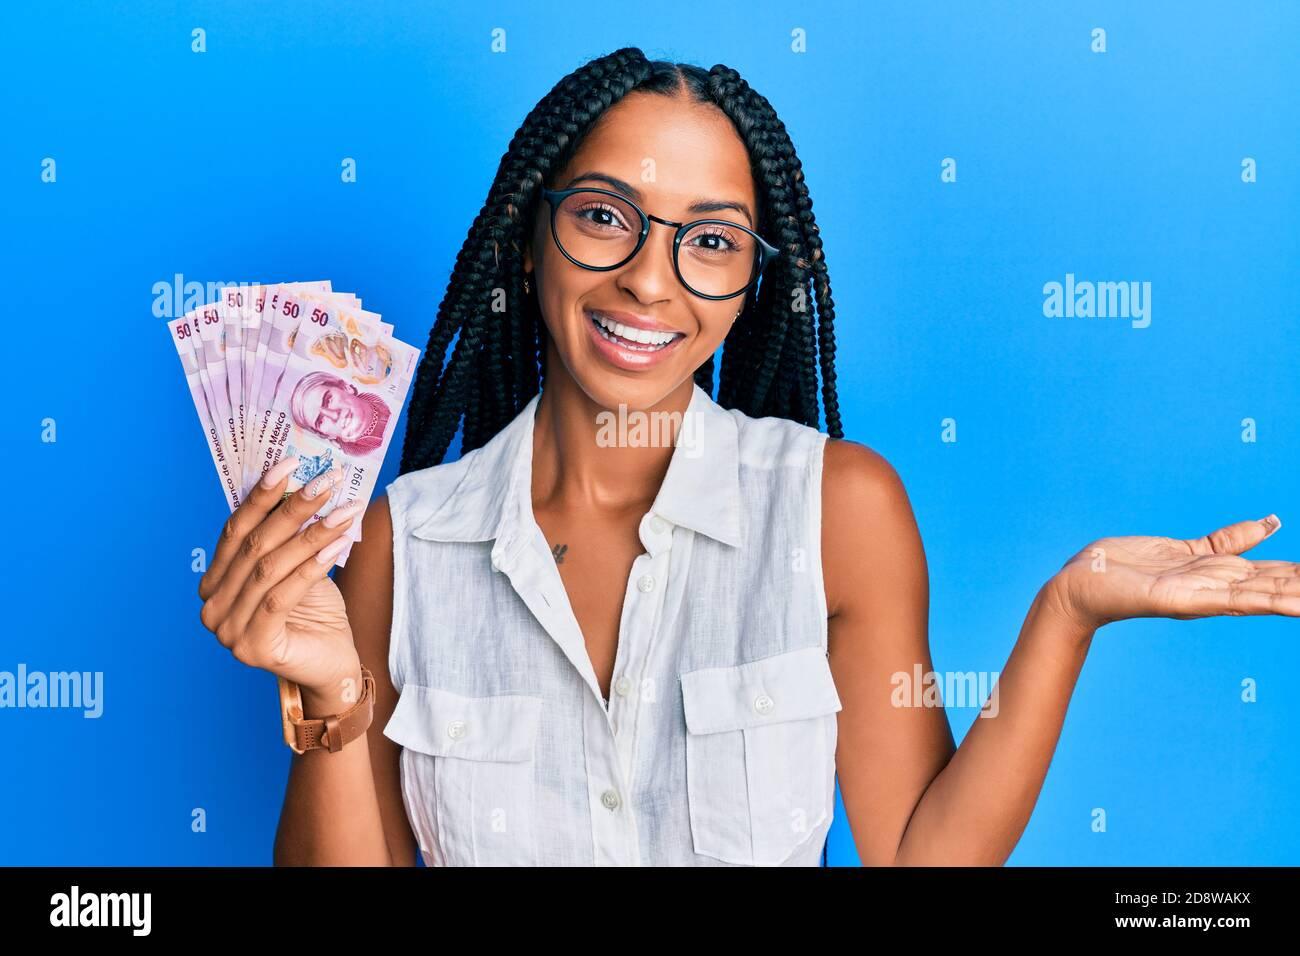 Bella donna ispanica in possesso di 50 pesos messicani banconote celebrare il successo con sorriso felice e espressione vincente con mano sollevata Foto Stock